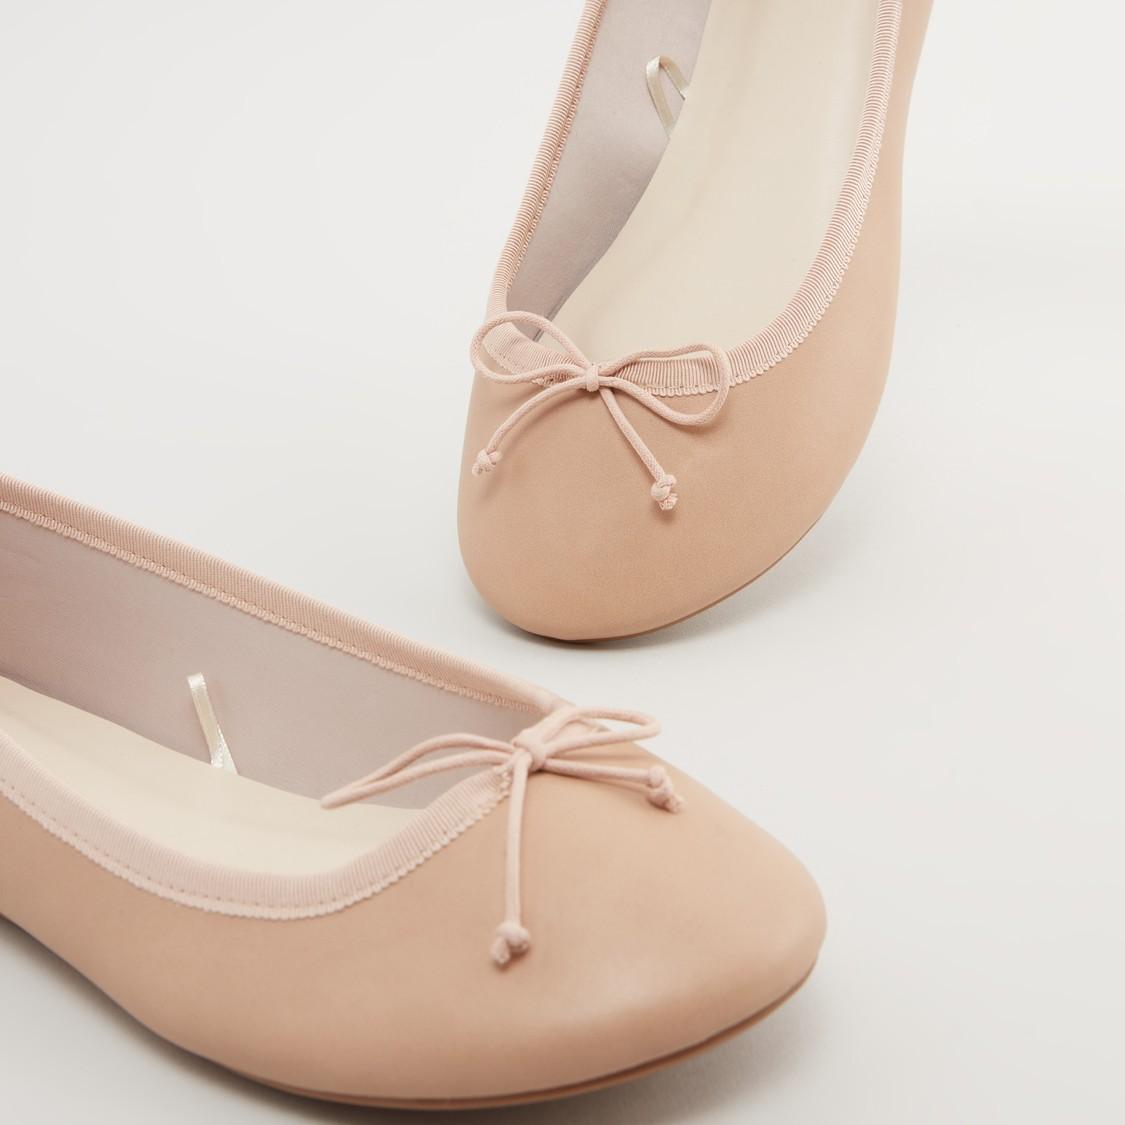 حذاء باليرينا بمقدمة مستديرة مع زينة فيونكة